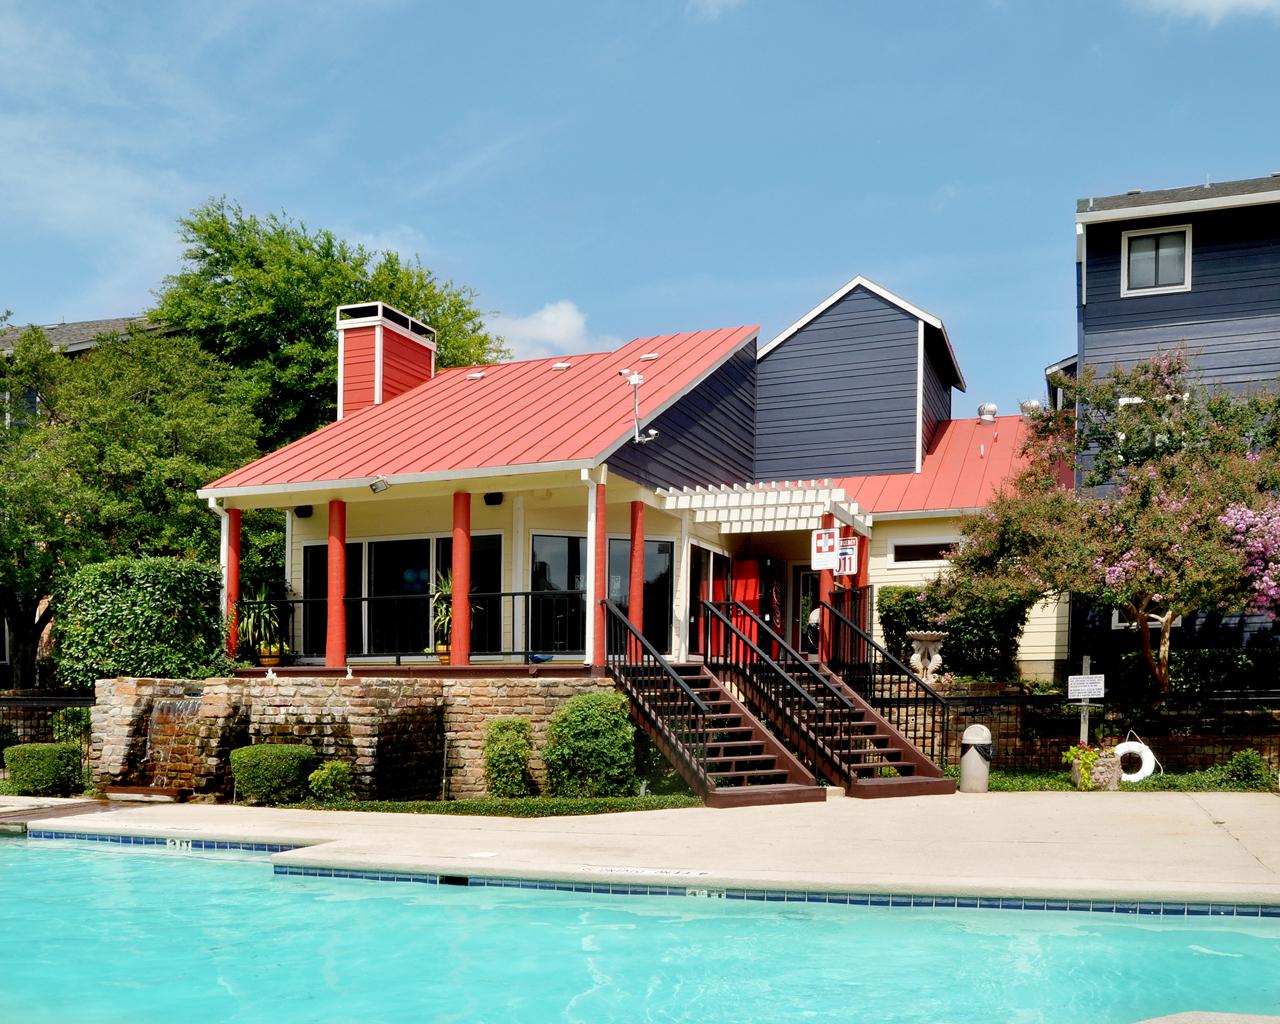 Superb Pool | Apartment Homes In Dallas, TX | Snug Harbor